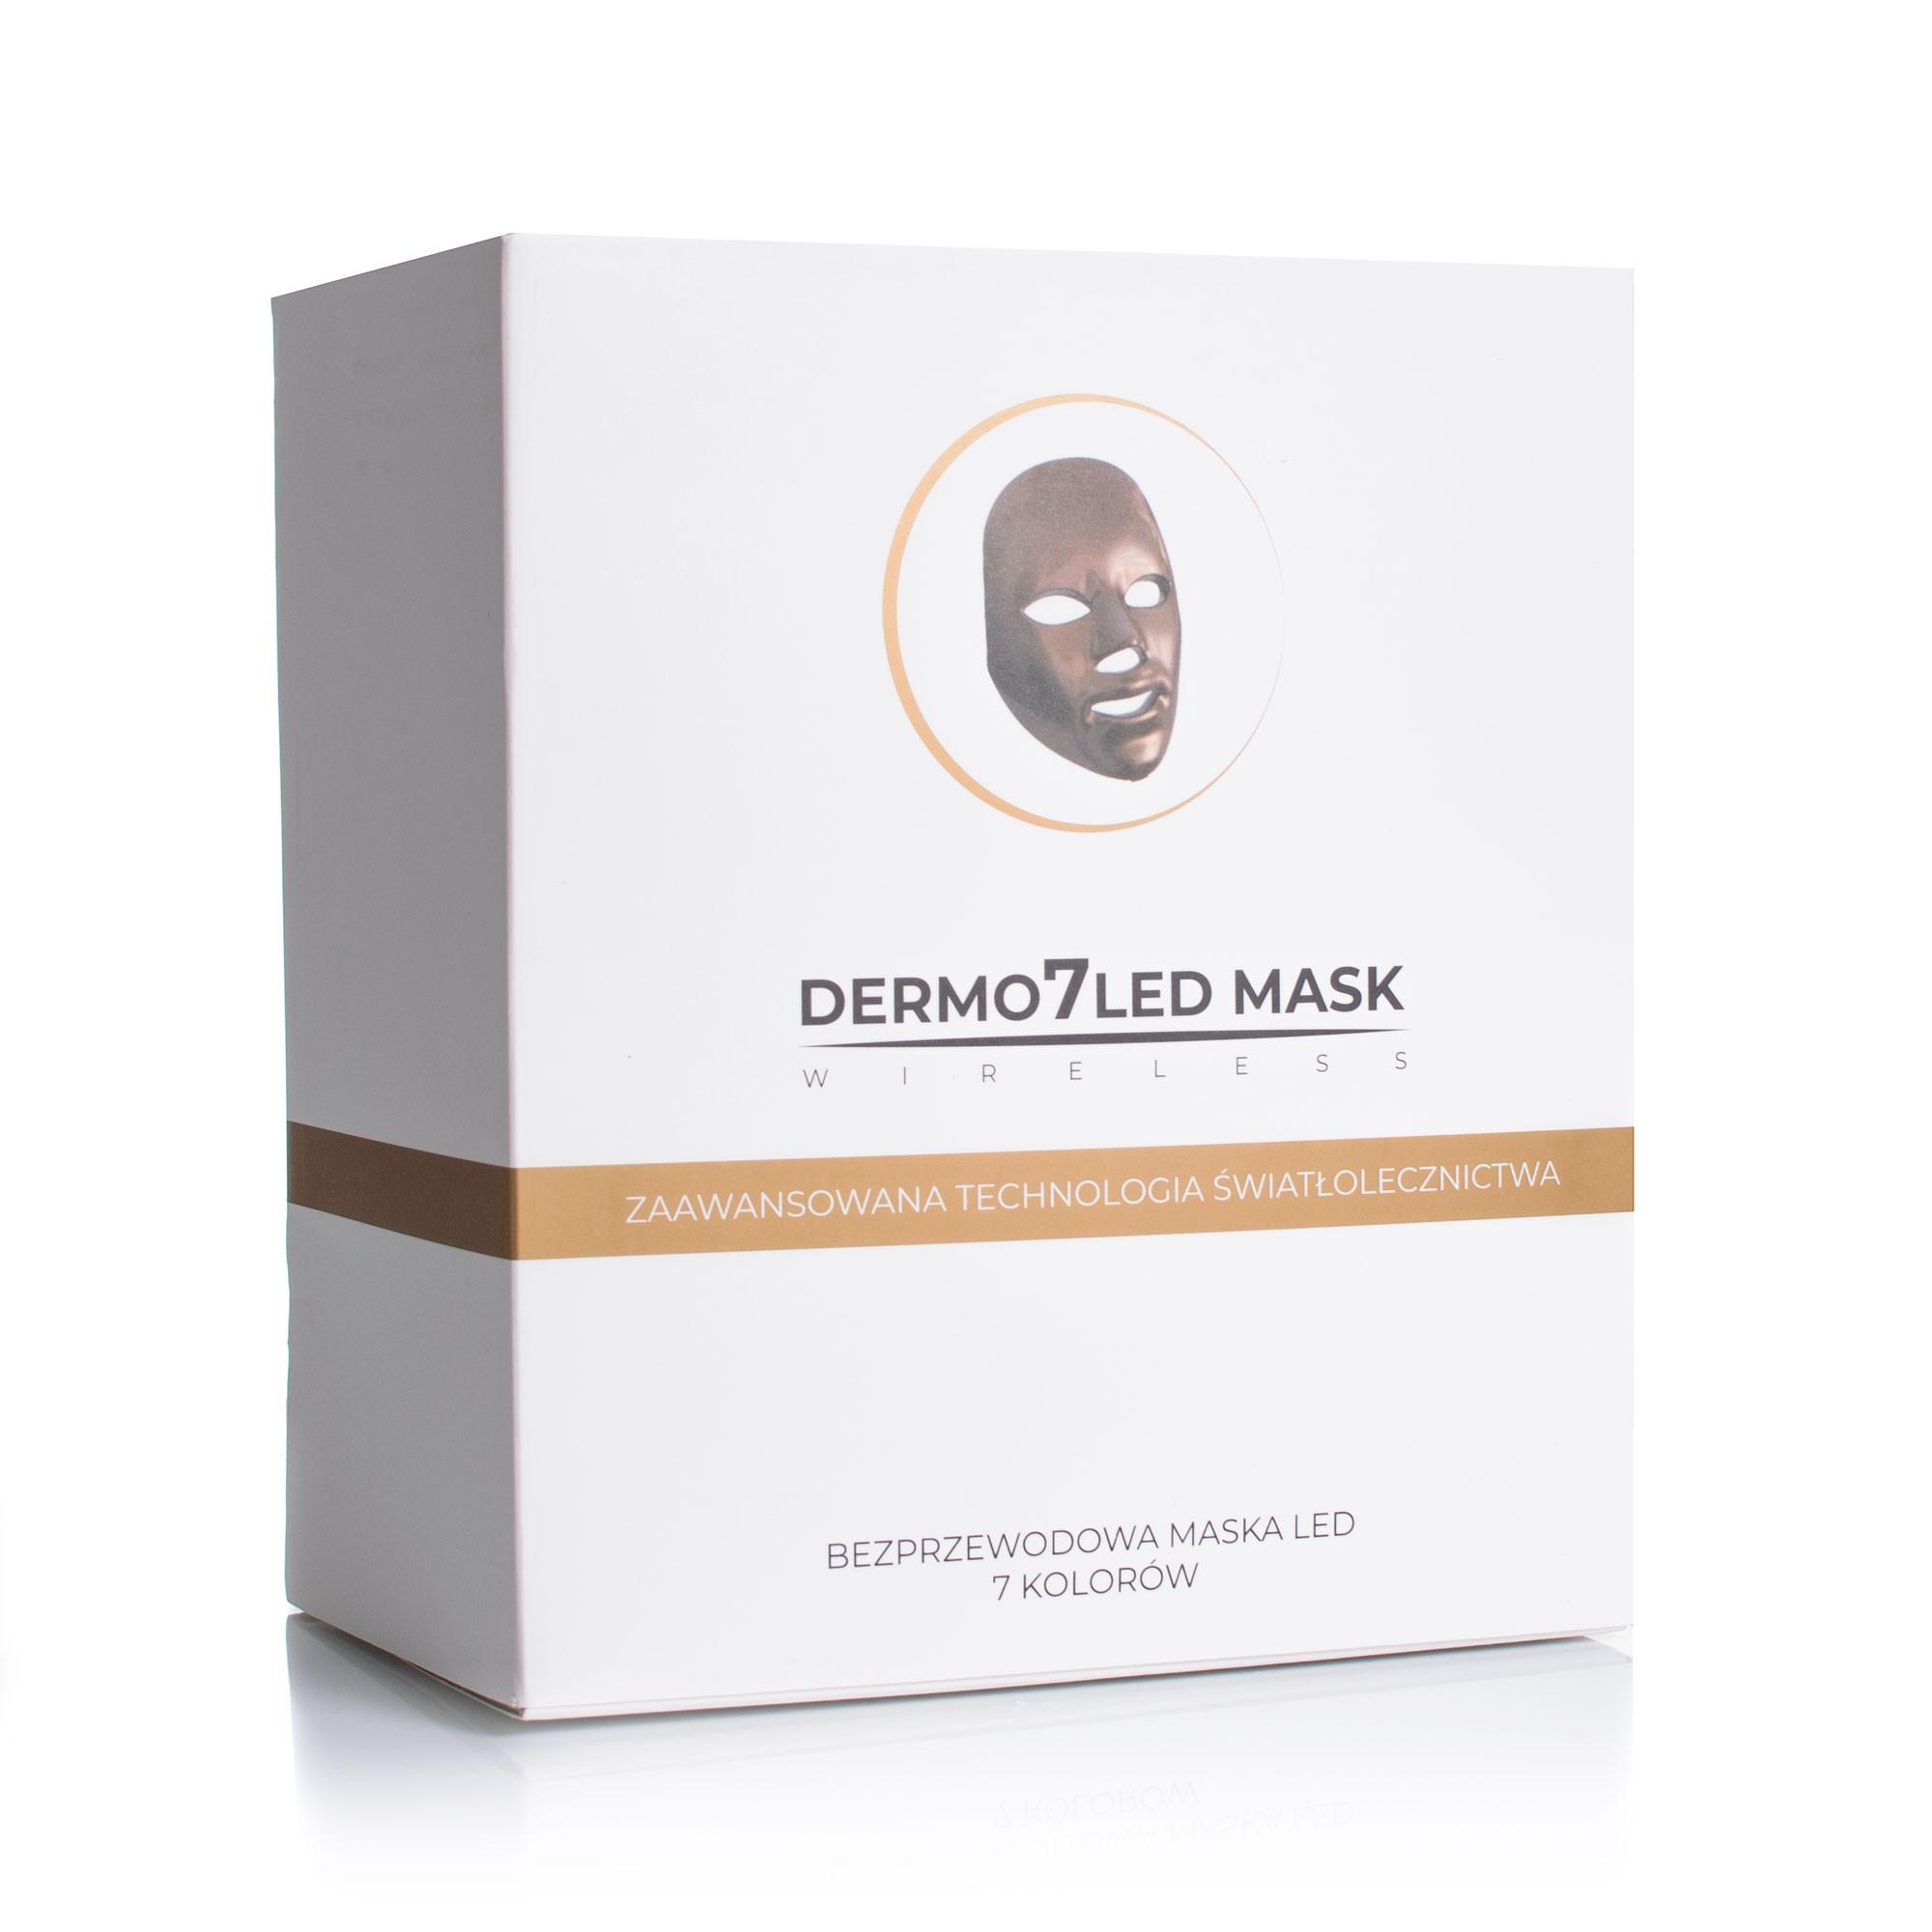 Maska LED bezprzewodowa na twarz z 7 kolorami diod